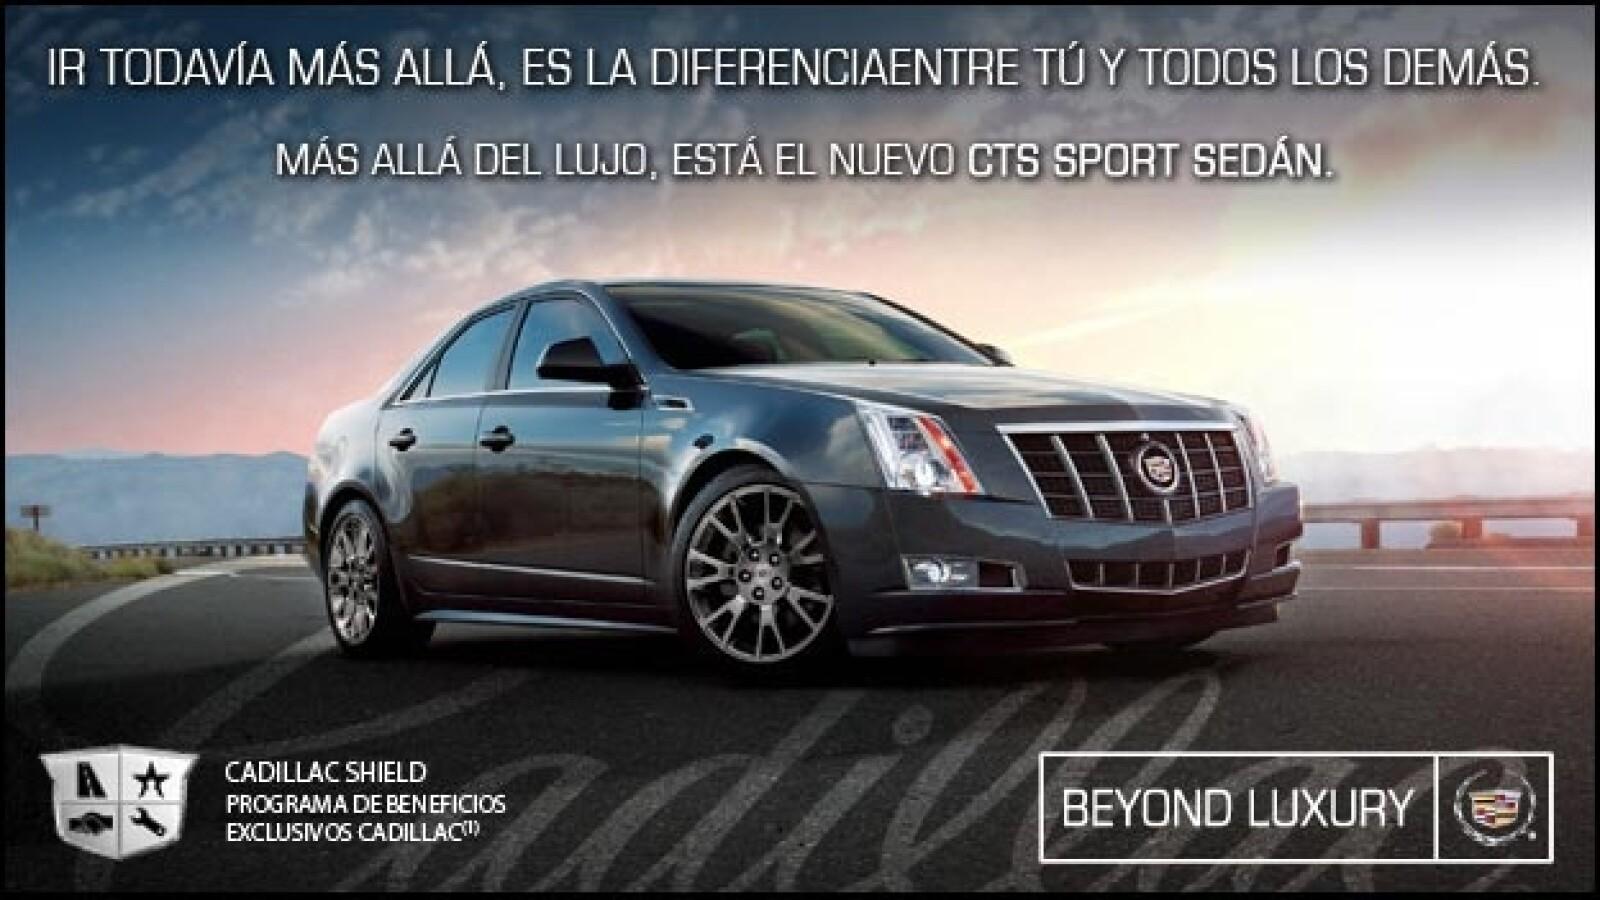 Cadillac Oscar 2012